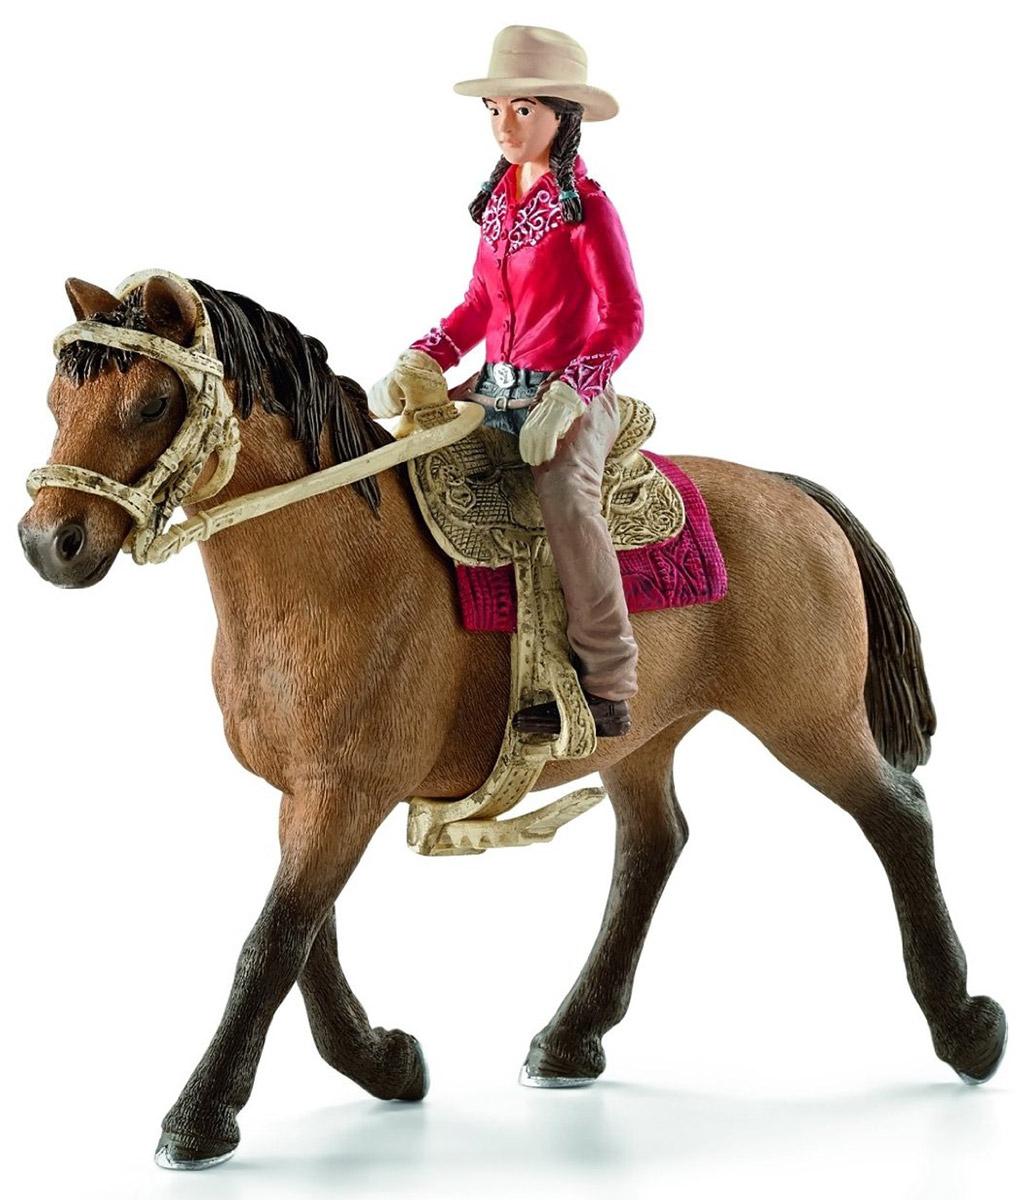 Schleich Фигурка Наездница Вестерн42112Опытная наездница, катающаяся на проворной лошадке, понравится каждому малышу и научит уверенно держаться в седле. Ребенок сможет придумать удивительные сюжеты скачек и профессиональных соревнований, создать собственную ферму с участием других фигурок Scheich. Наездница в красной рубашке, шляпе с широкими полями и в плотных перчатках катается верхом на своей лошади. Можно снять ее с лошадки и поменять снаряжение, надев ее на другого жеребца. Фигурка наездницы прочно располагается в седле и готова к активным скачкам. Все детали выполнены из качественного каучукового пластика, который безопасен для детей и очень приятен на ощупь. Игрушки Schleich развивают мелкую моторику ребенка, стимулируют творческое восприятие и позволяют создавать разнообразные сюжетно-ролевые игры с реалистичными персонажами.